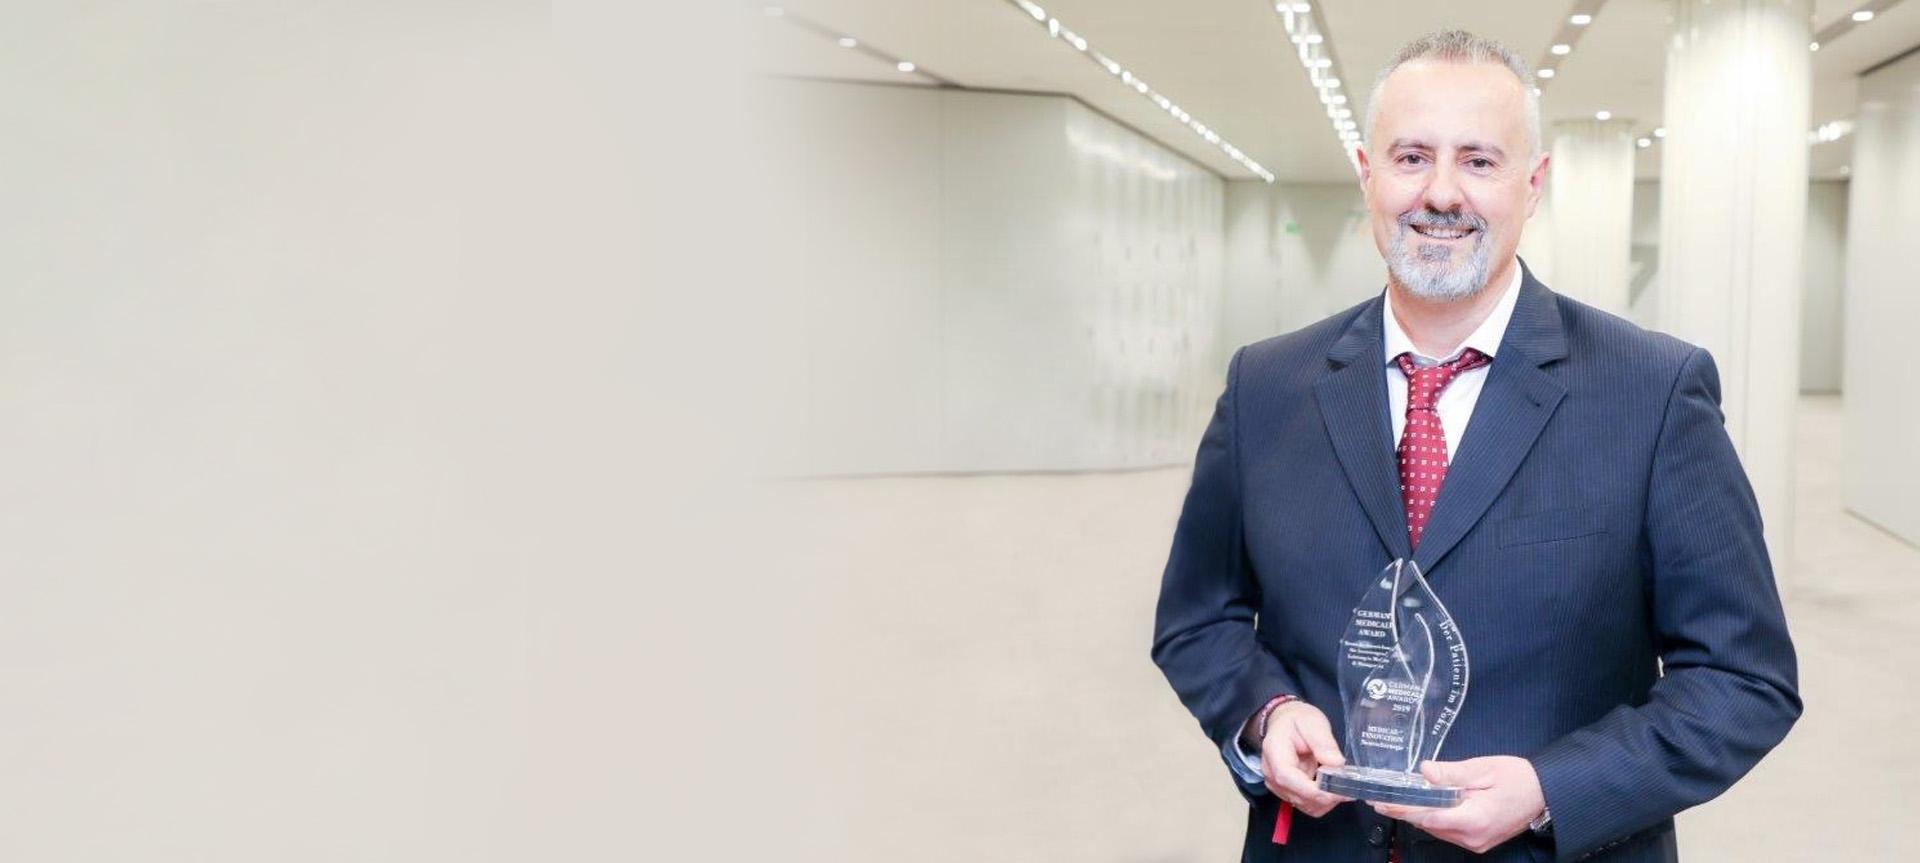 slider award